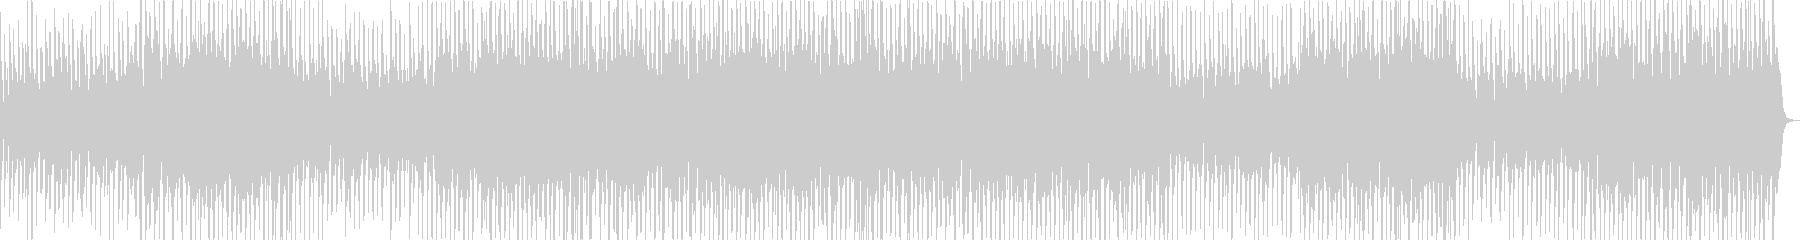 ほのぼのしたアコーディオンのカントリー曲の未再生の波形